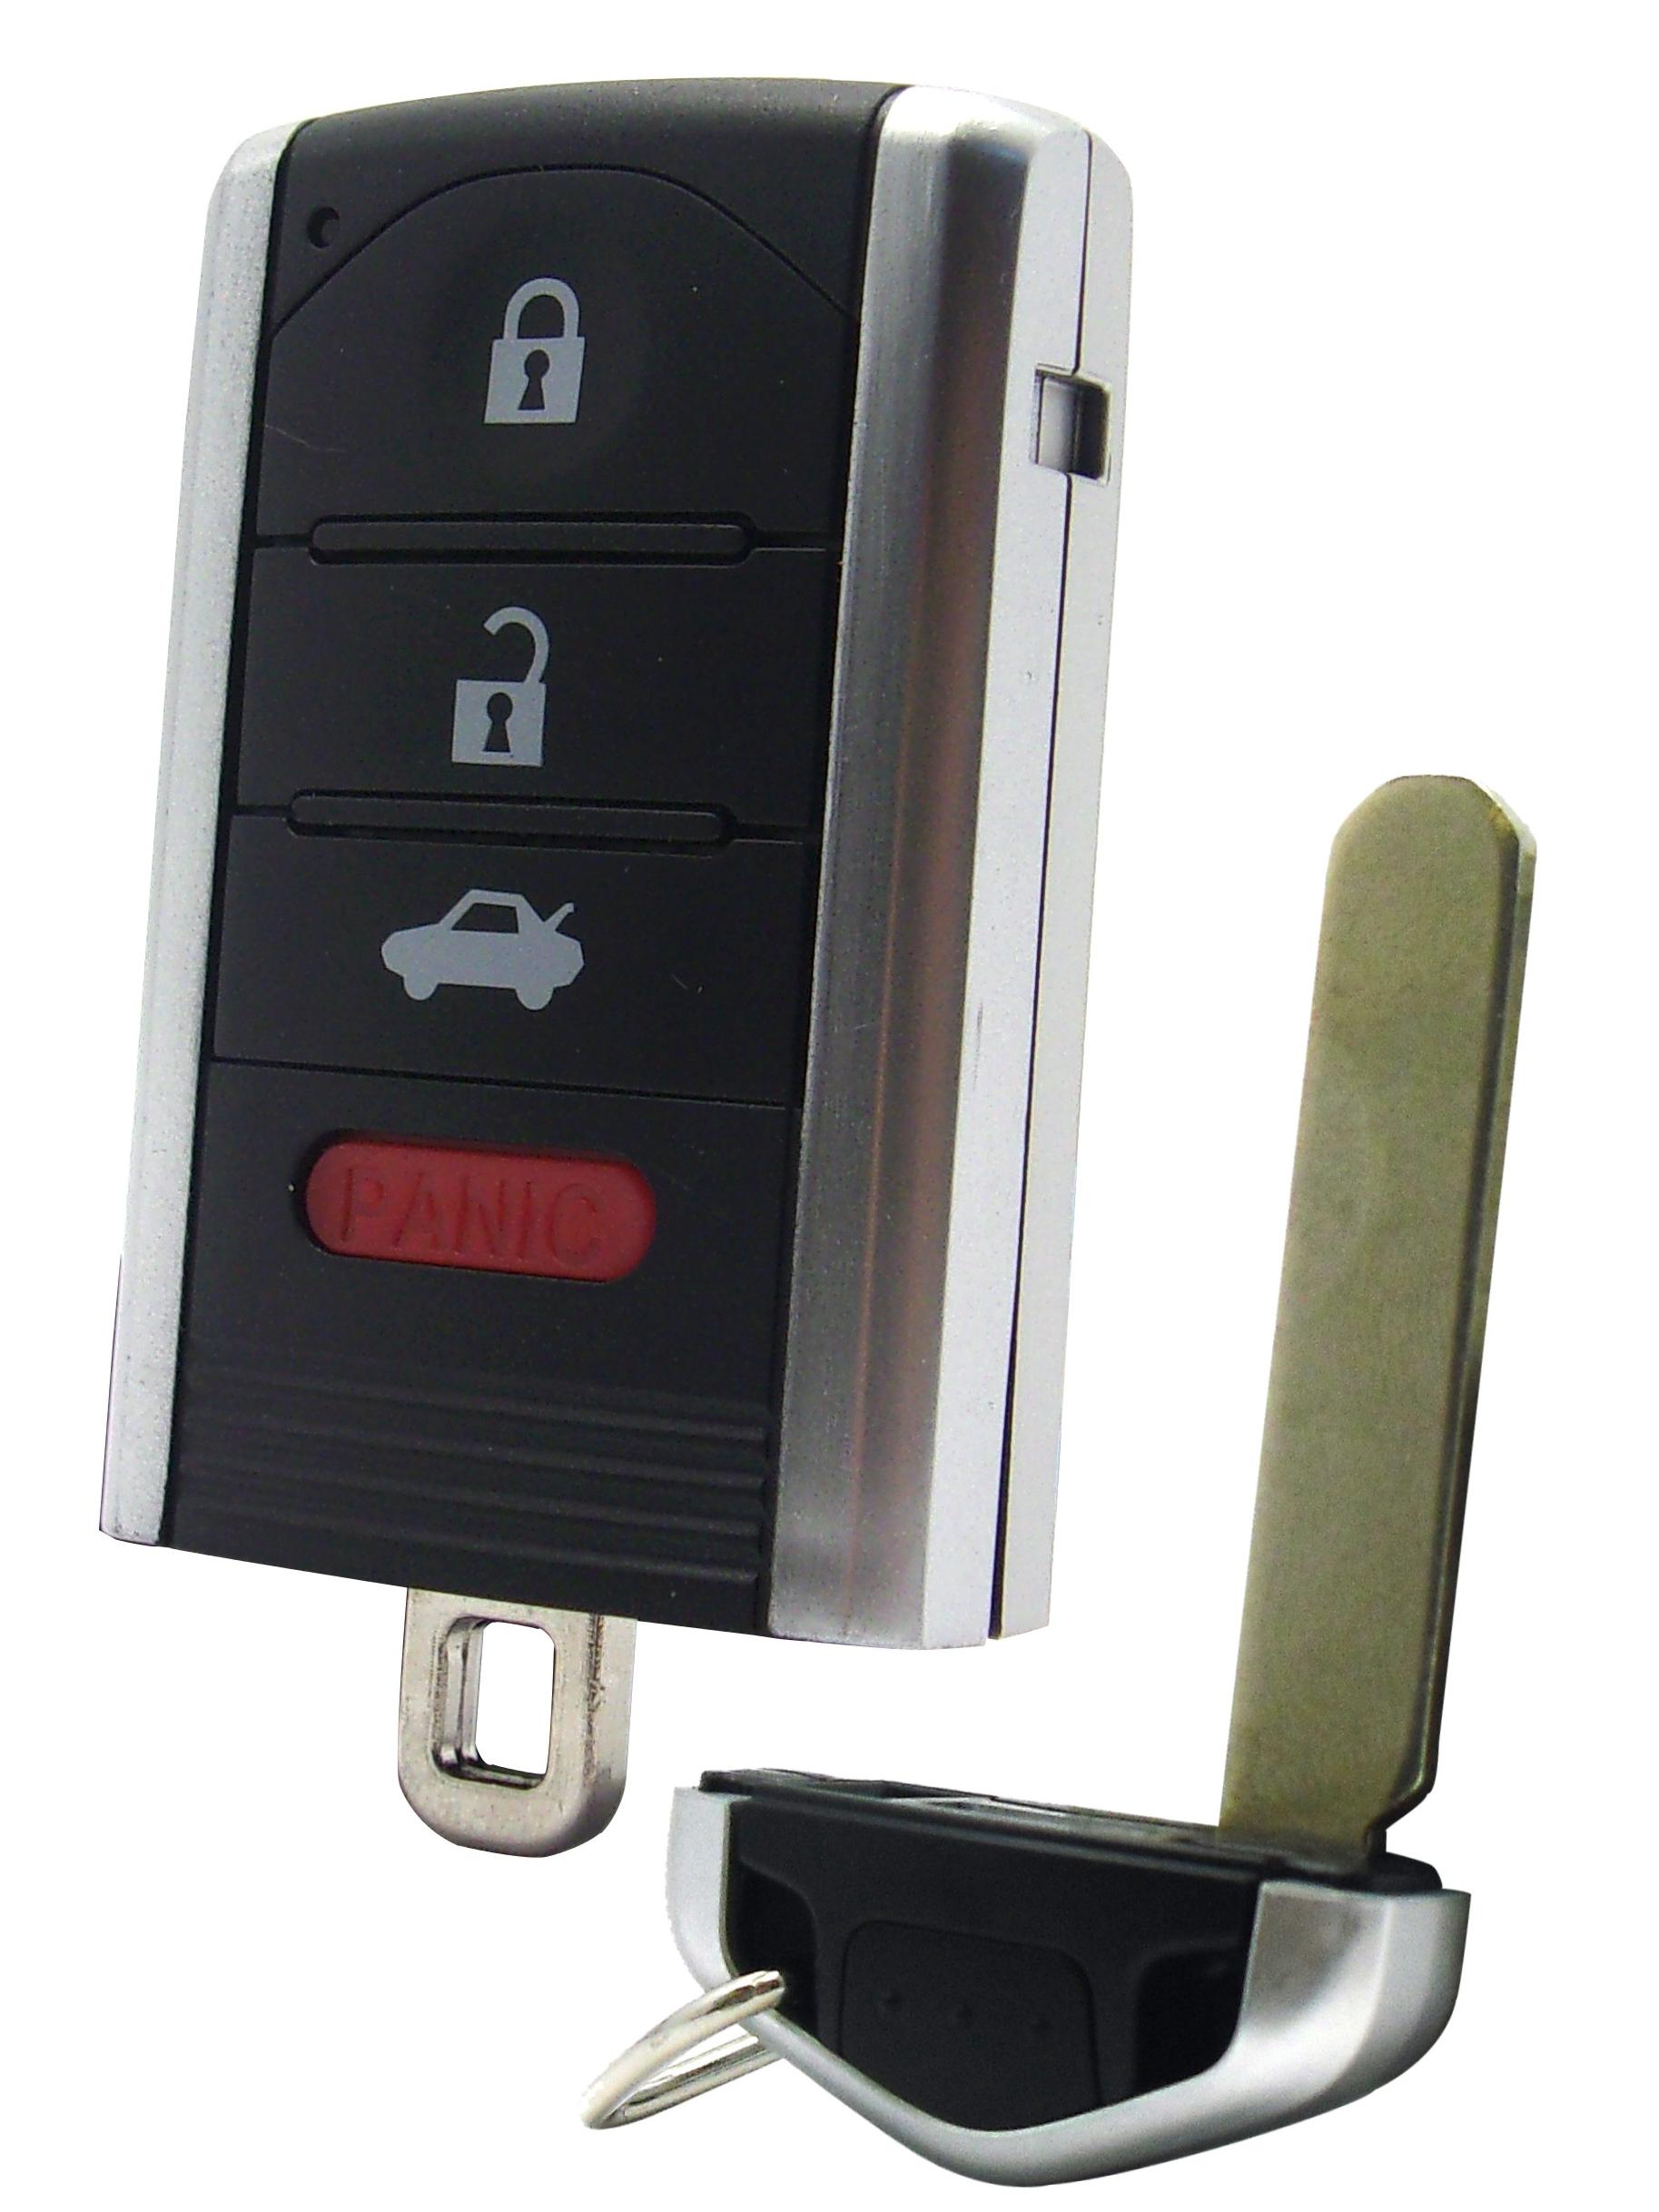 Acura Smart Key Remote - 4 Button